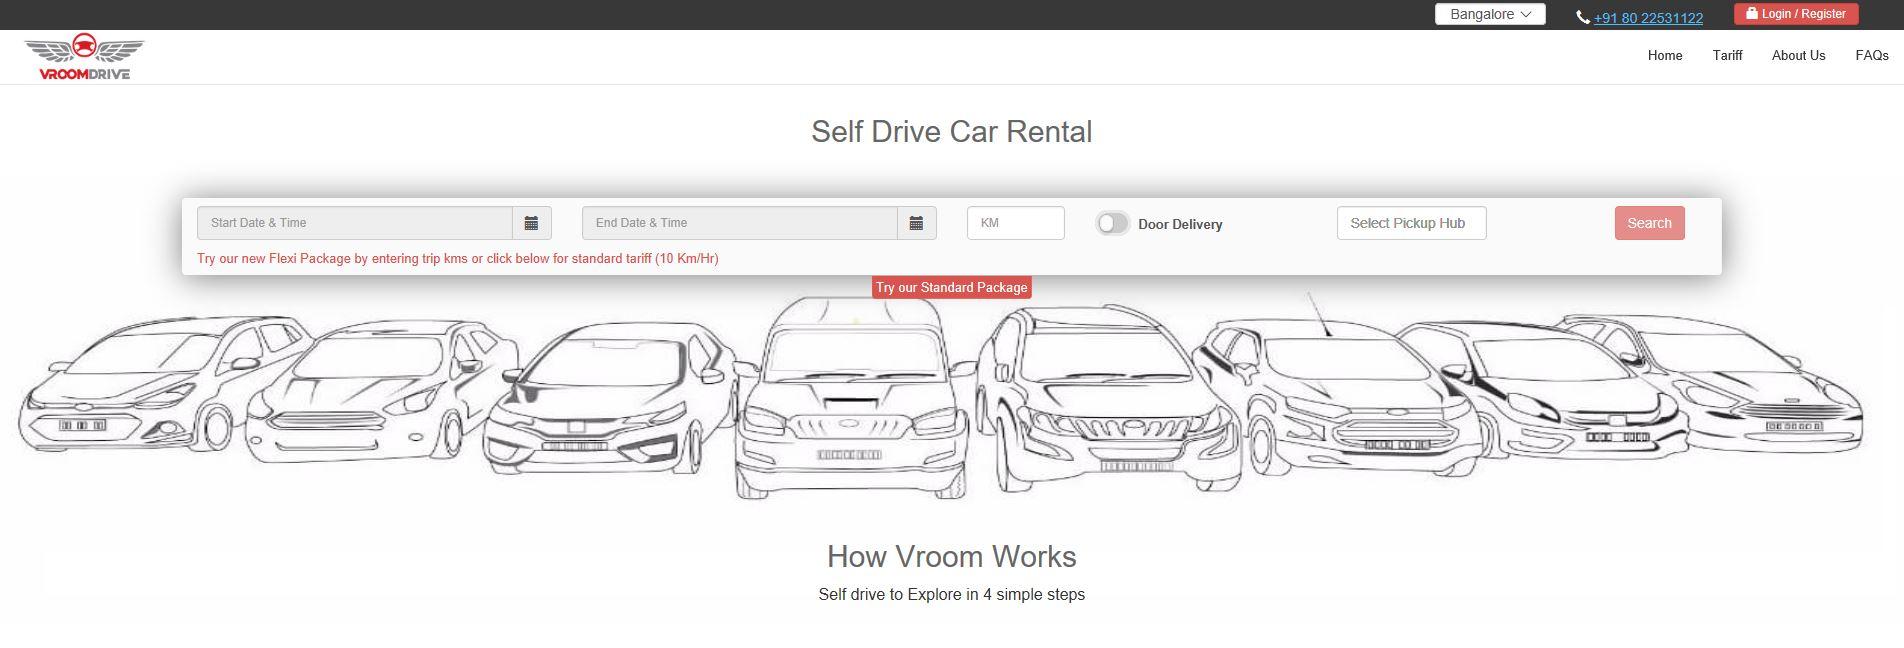 Self-drive car rentals